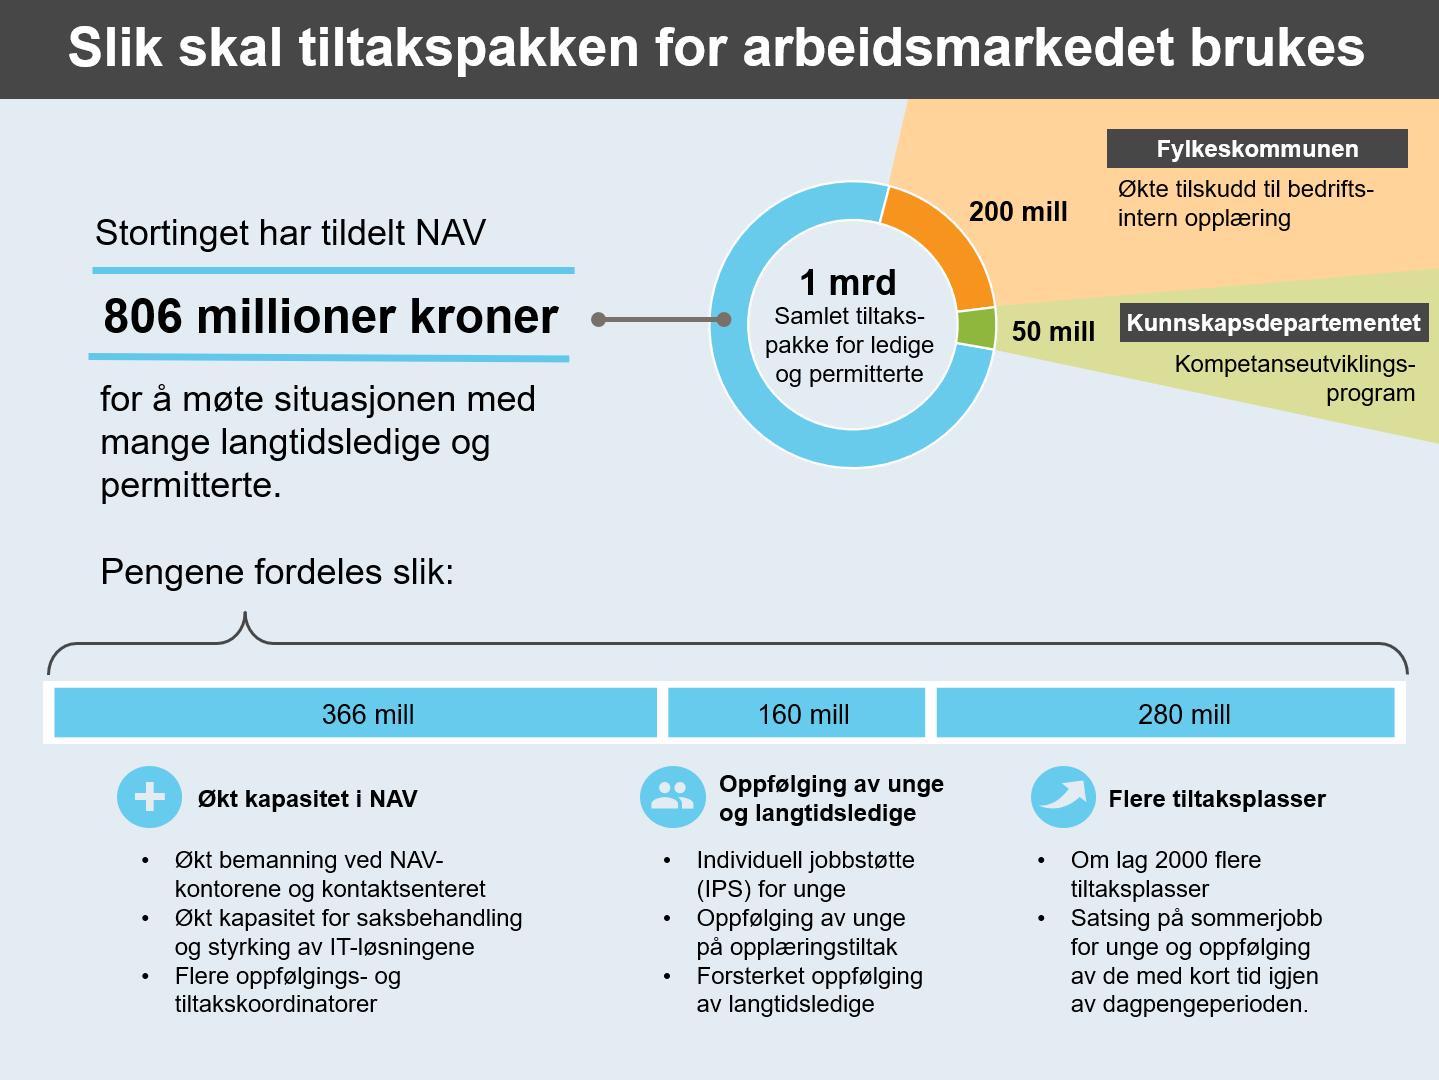 Stortinget har bevilget i overkant av 1 milliard gjennom en tiltakspakke for ledige og permitterte. Infografikken viser hvordan pengene skal brukes. (Illustrasjon: Magnus Ystebø Wright)